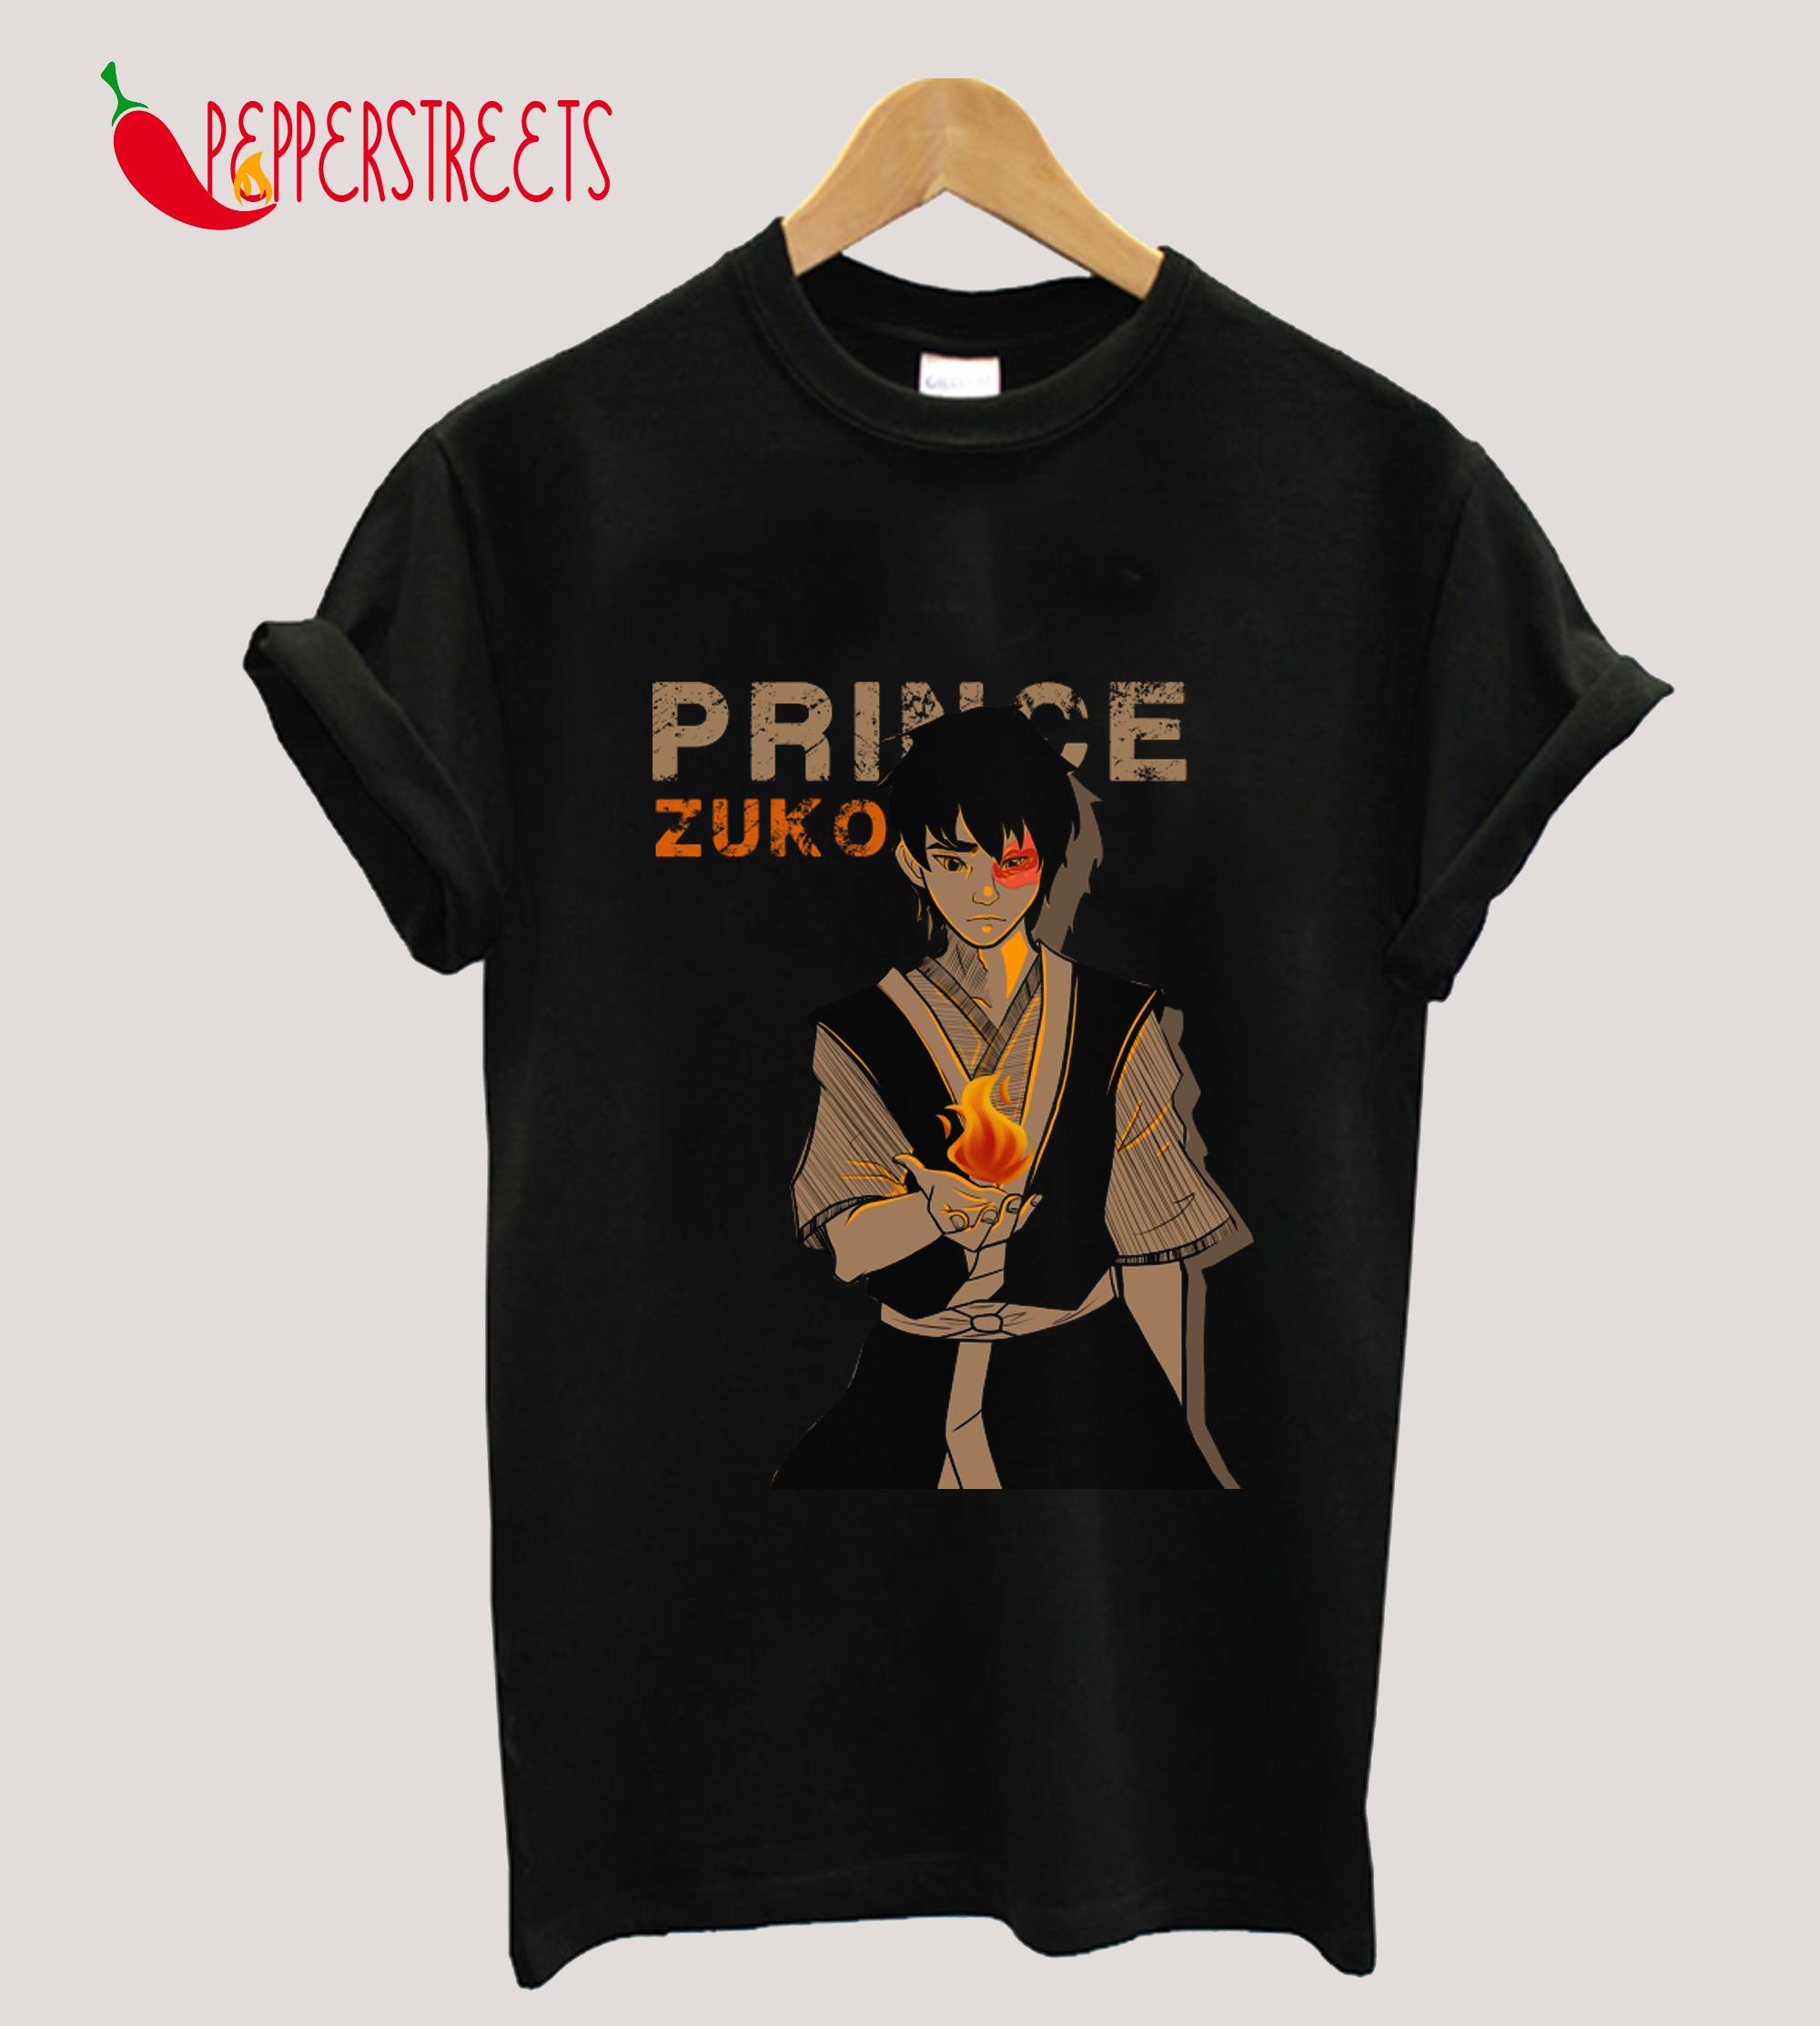 Zukoo T-Shirt